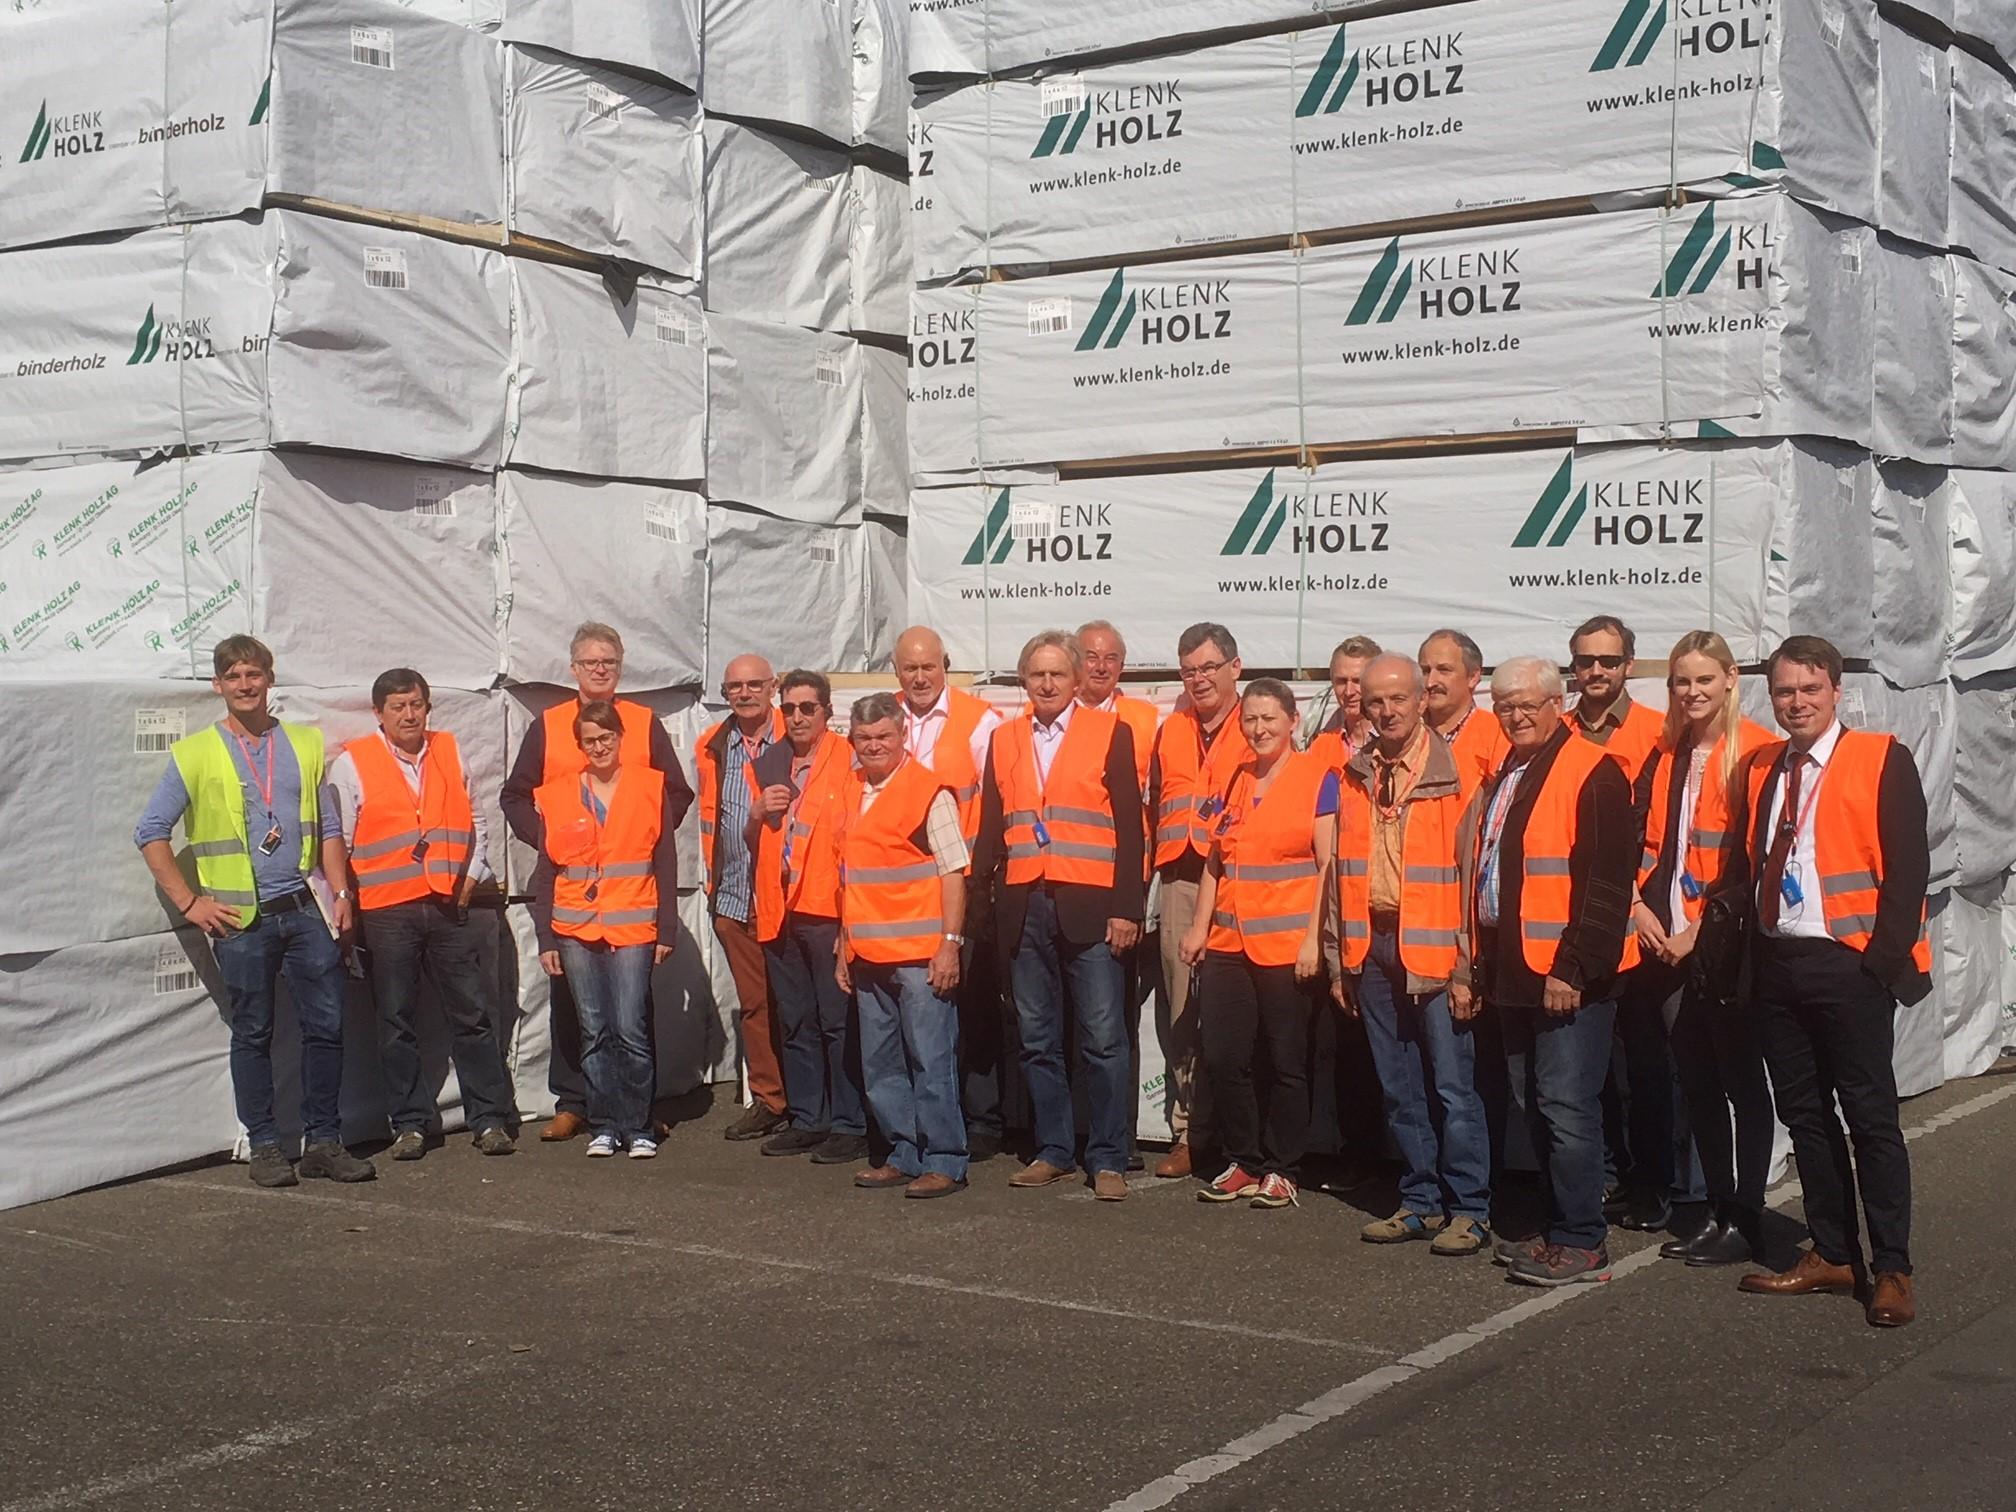 Das Bild zeigt die Teilnehmerinnen und Teilnehmer des letzten Holzbautags 2018 bei der Firmenbesichtigung der Firma Klenk in Oberrot.